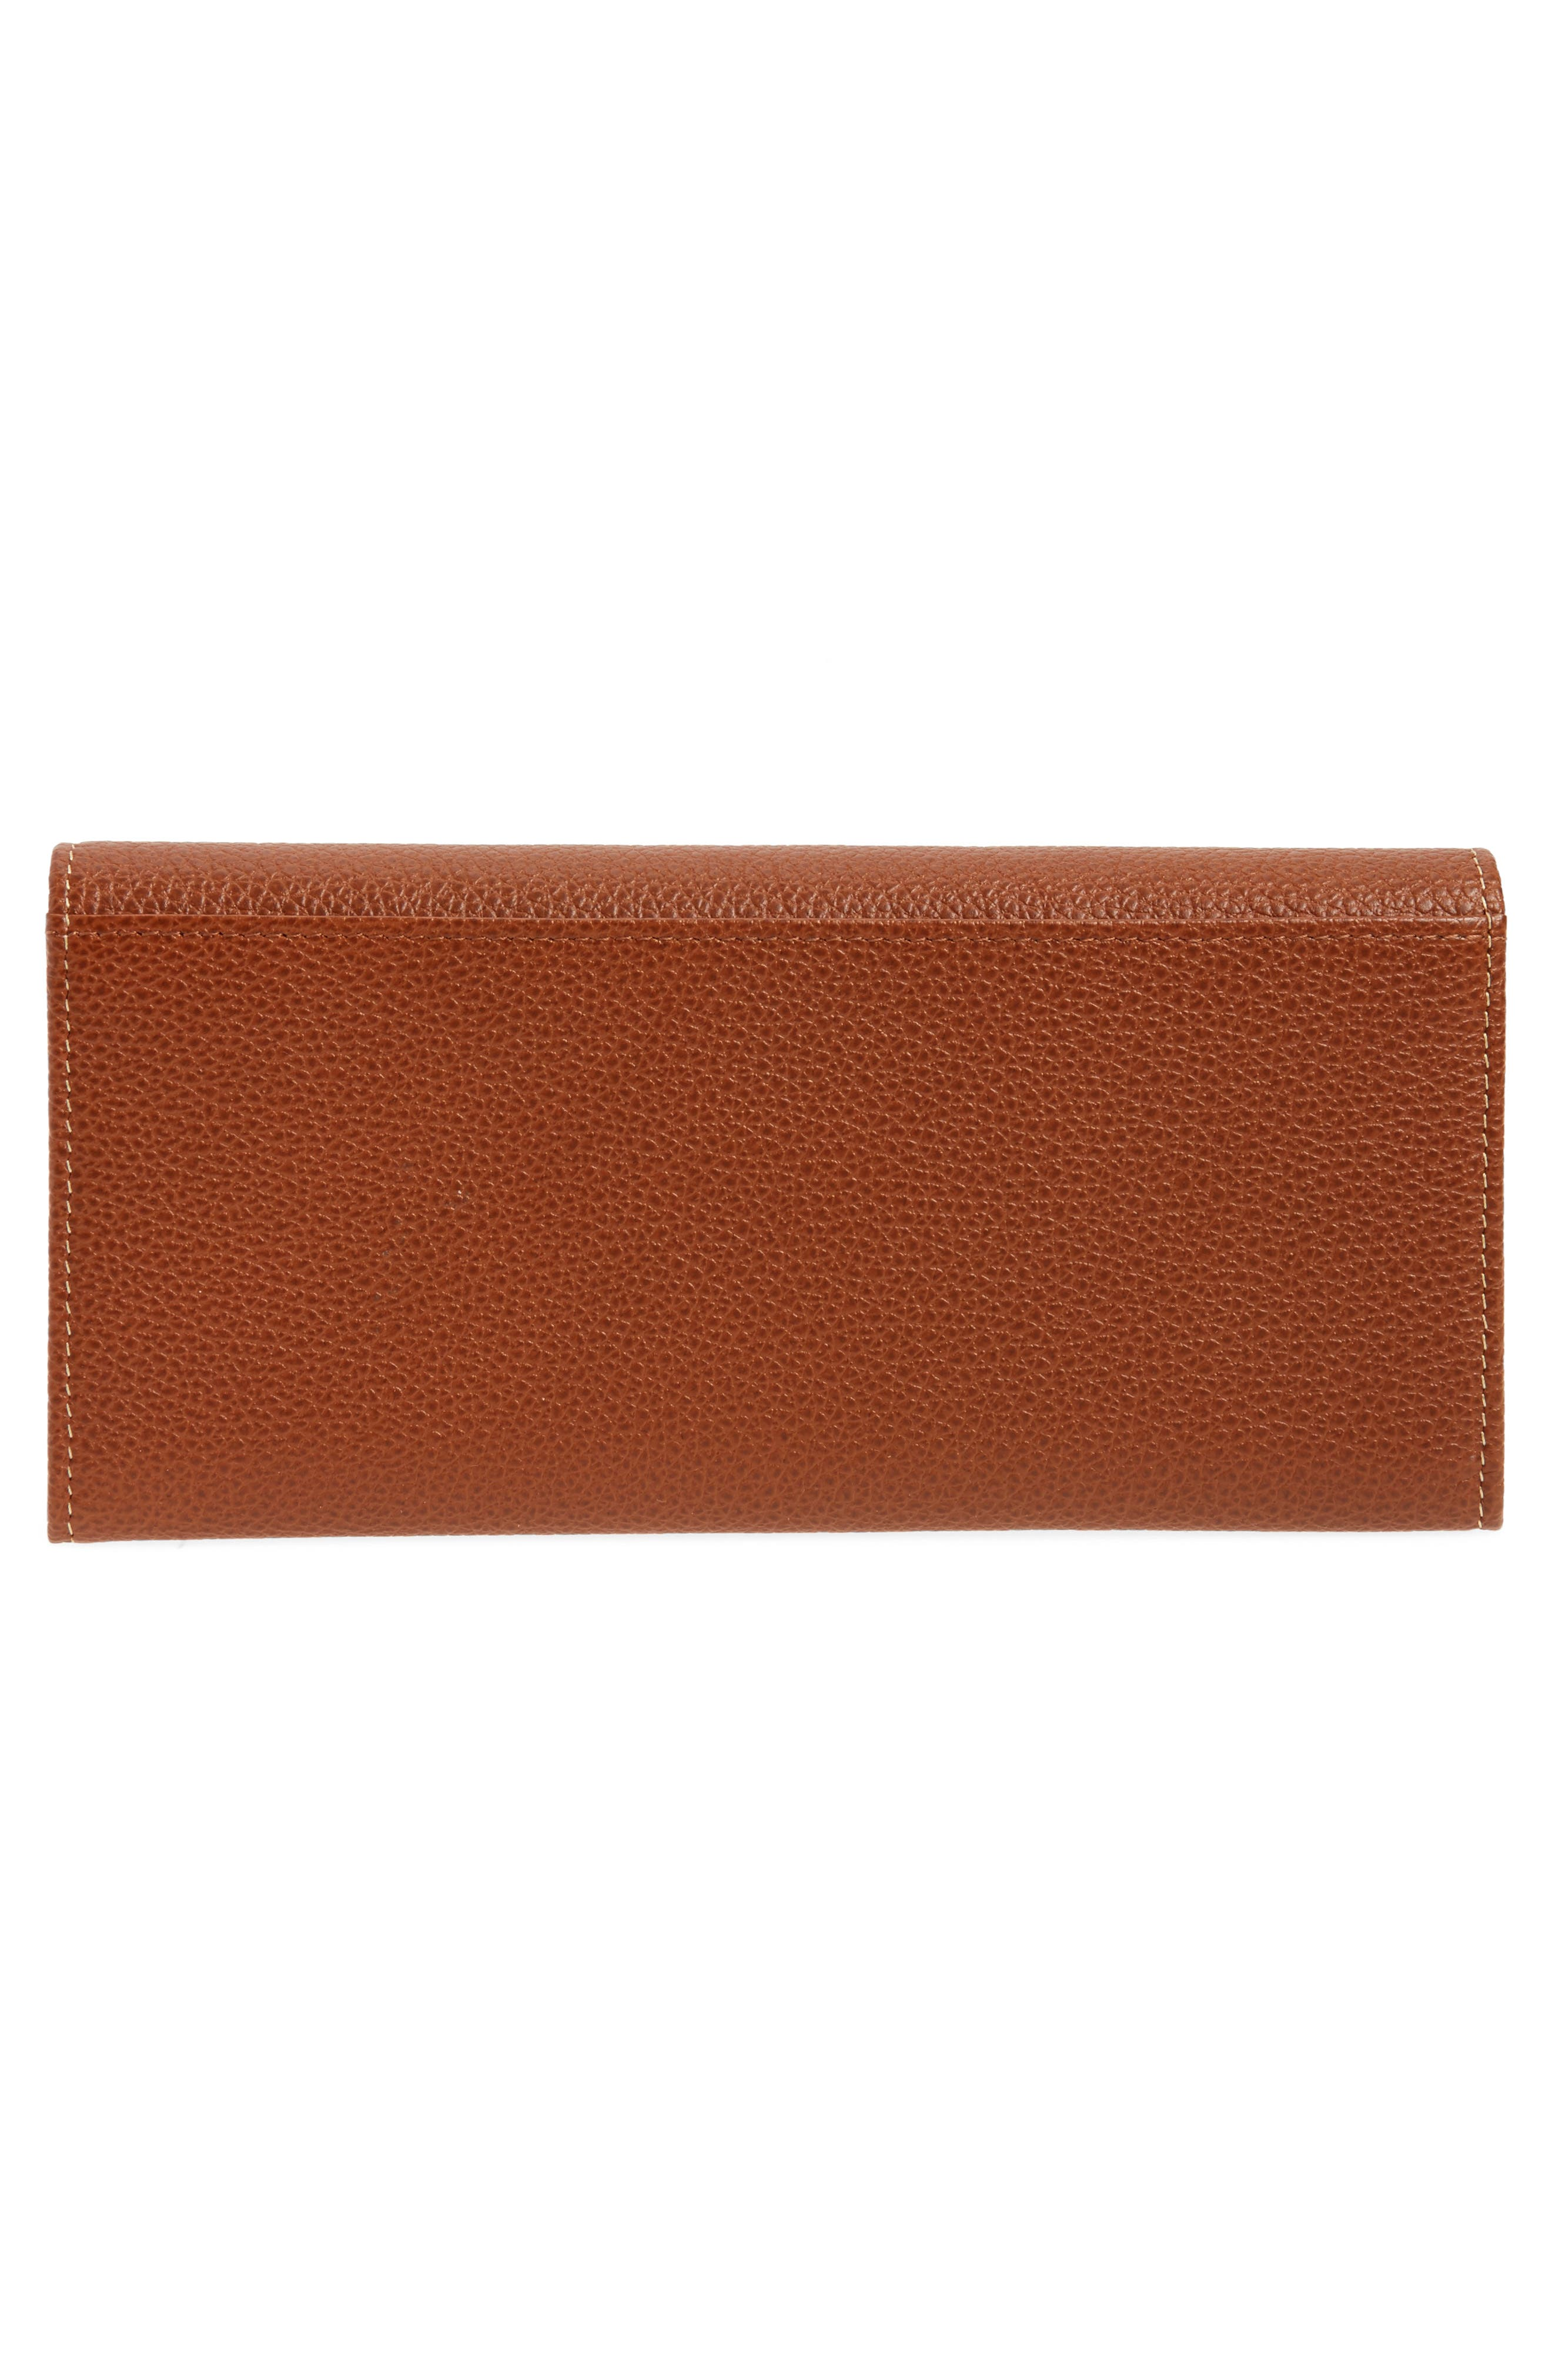 'Veau' Continental Wallet,                             Alternate thumbnail 3, color,                             COGNAC